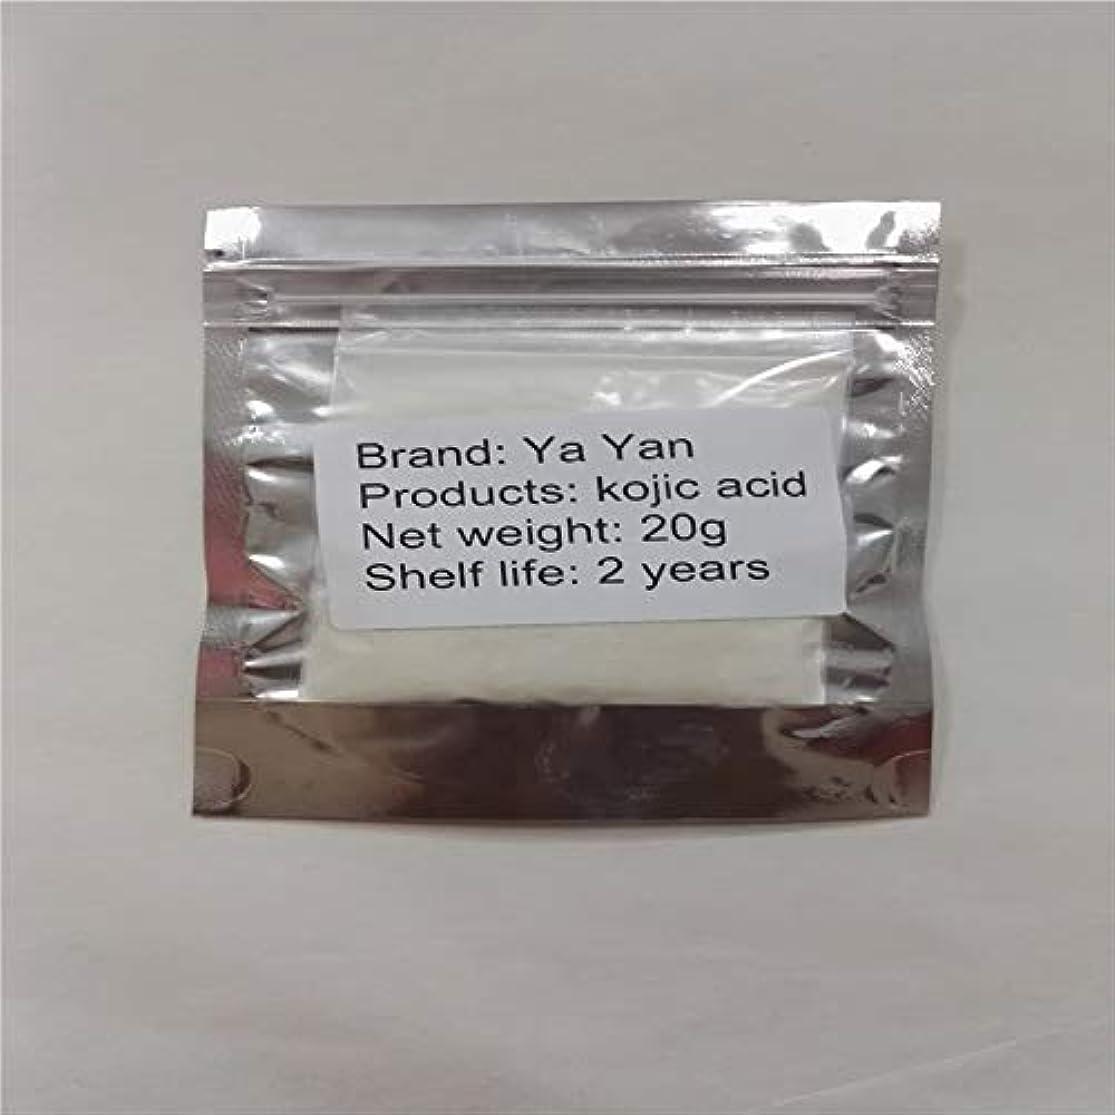 重大クリーム払い戻し本物の純粋な99%コウジ20グラム抗そばかすの除去、年齢スポットライトニングフェードそばかすremog顔料